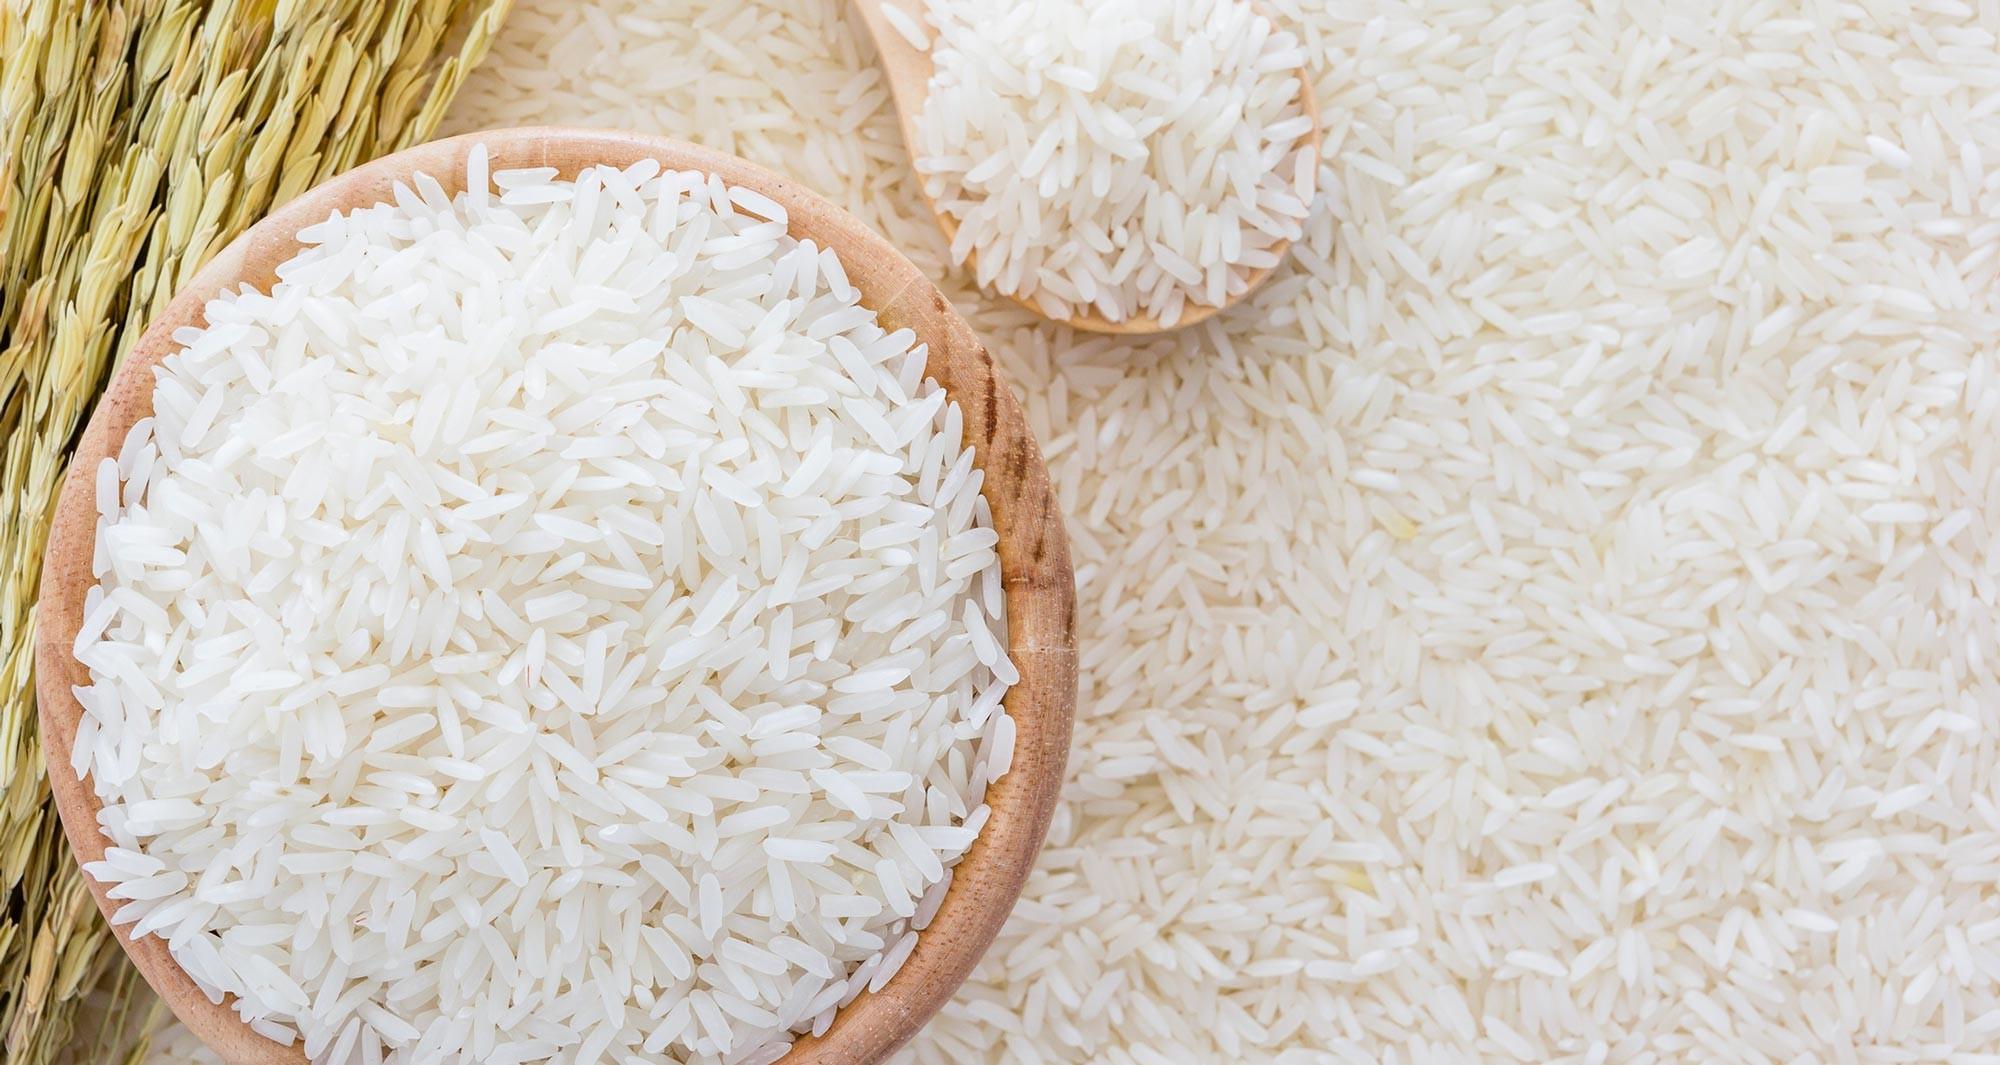 Giá lúa gạo hôm nay 27/7: Lúa đồng loạt giảm mạnh - Ảnh 1.